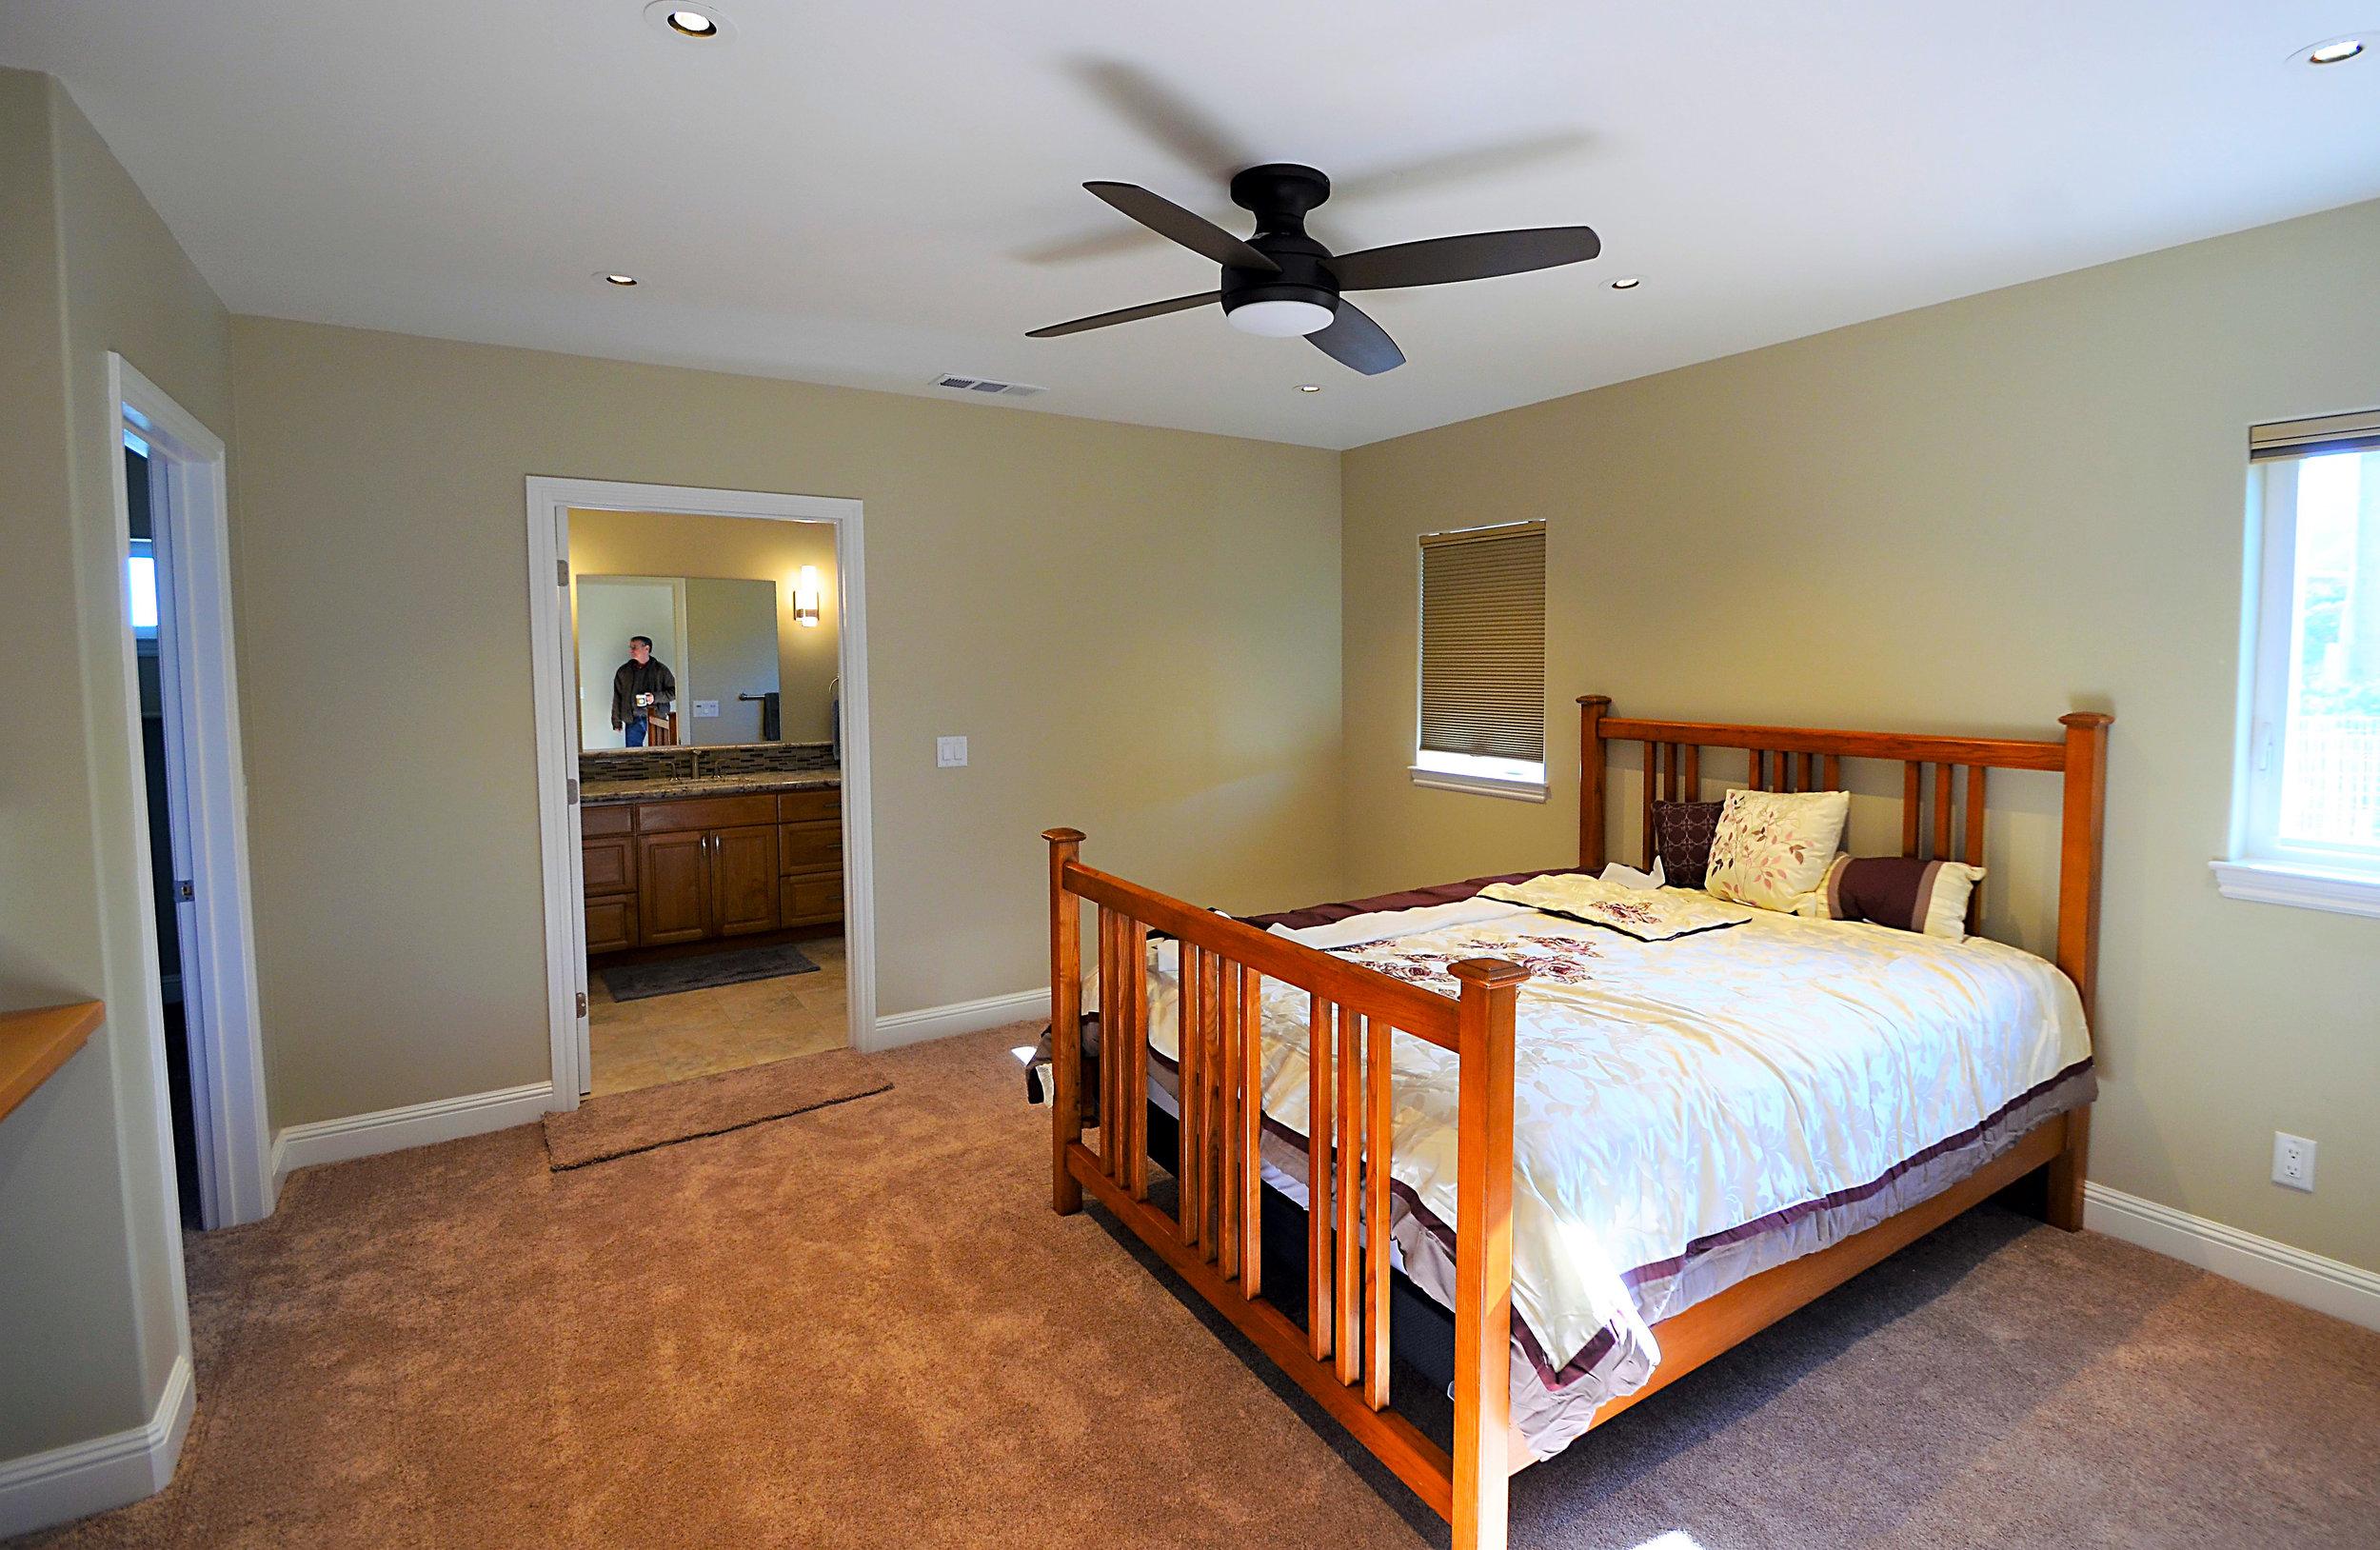 Interior_Bedroom.jpg